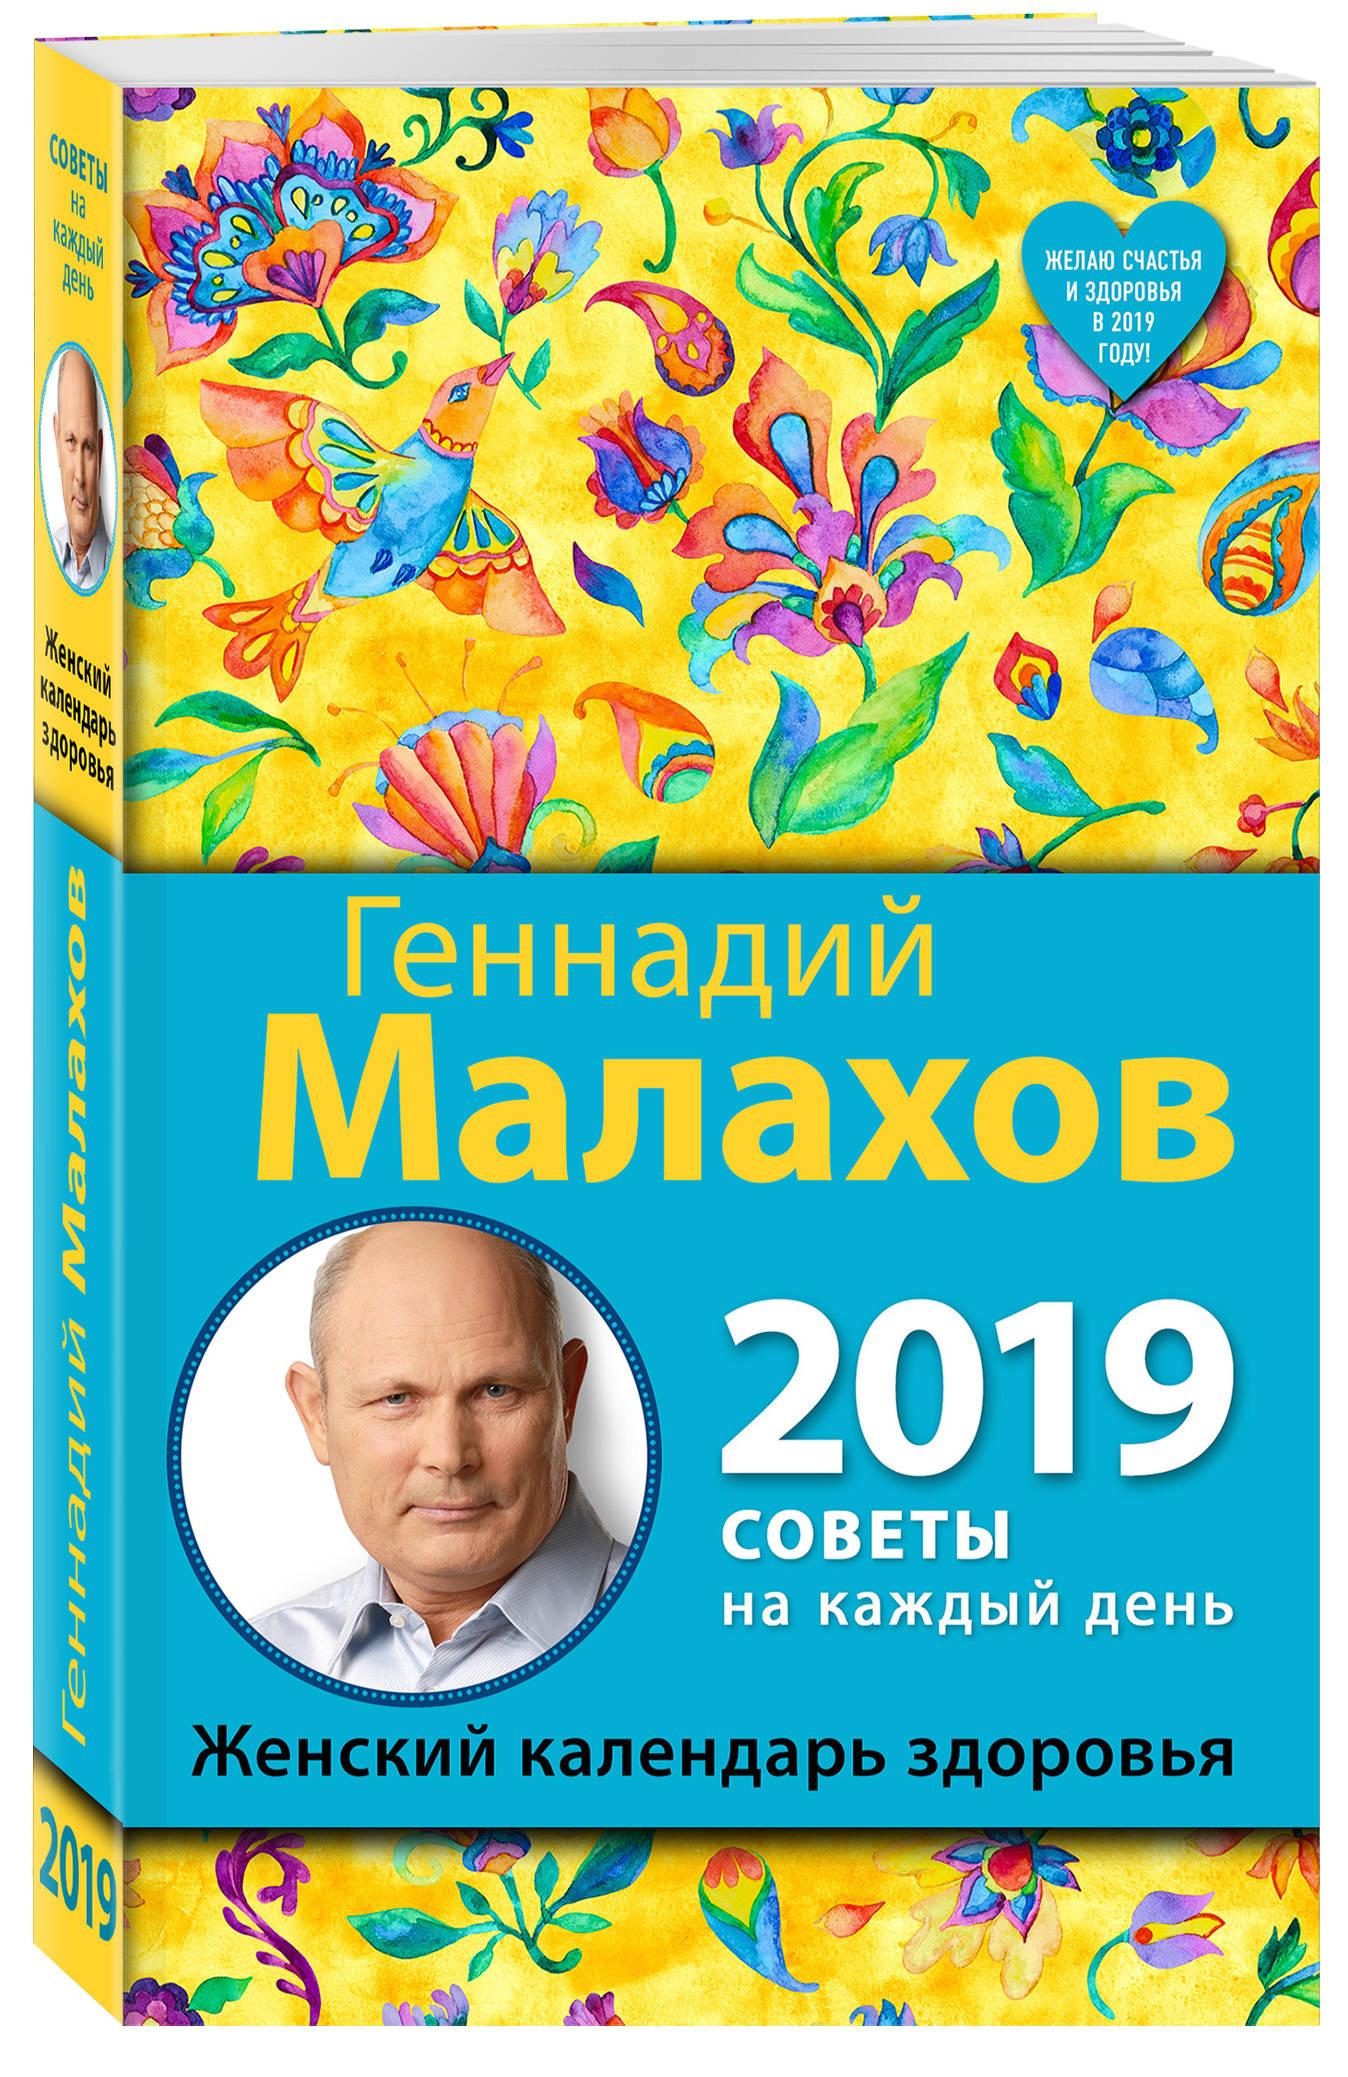 Геннадий Малахов Женский календарь здоровья. 2019 год